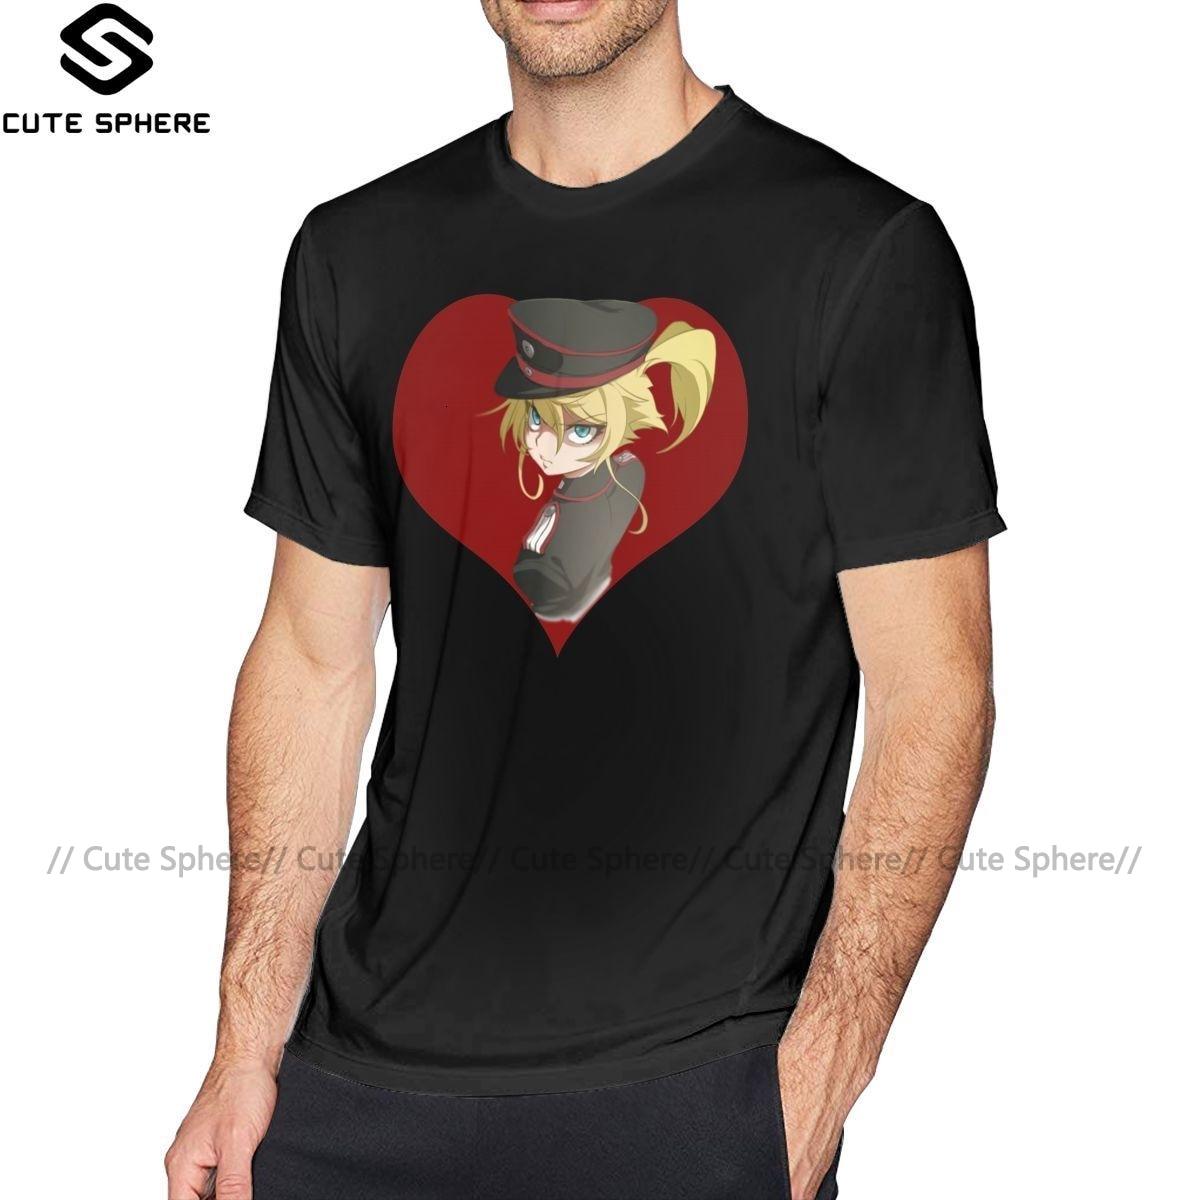 Camiseta de verano con estampado de Saga de Anya el malvado, camiseta de manga corta con estampado